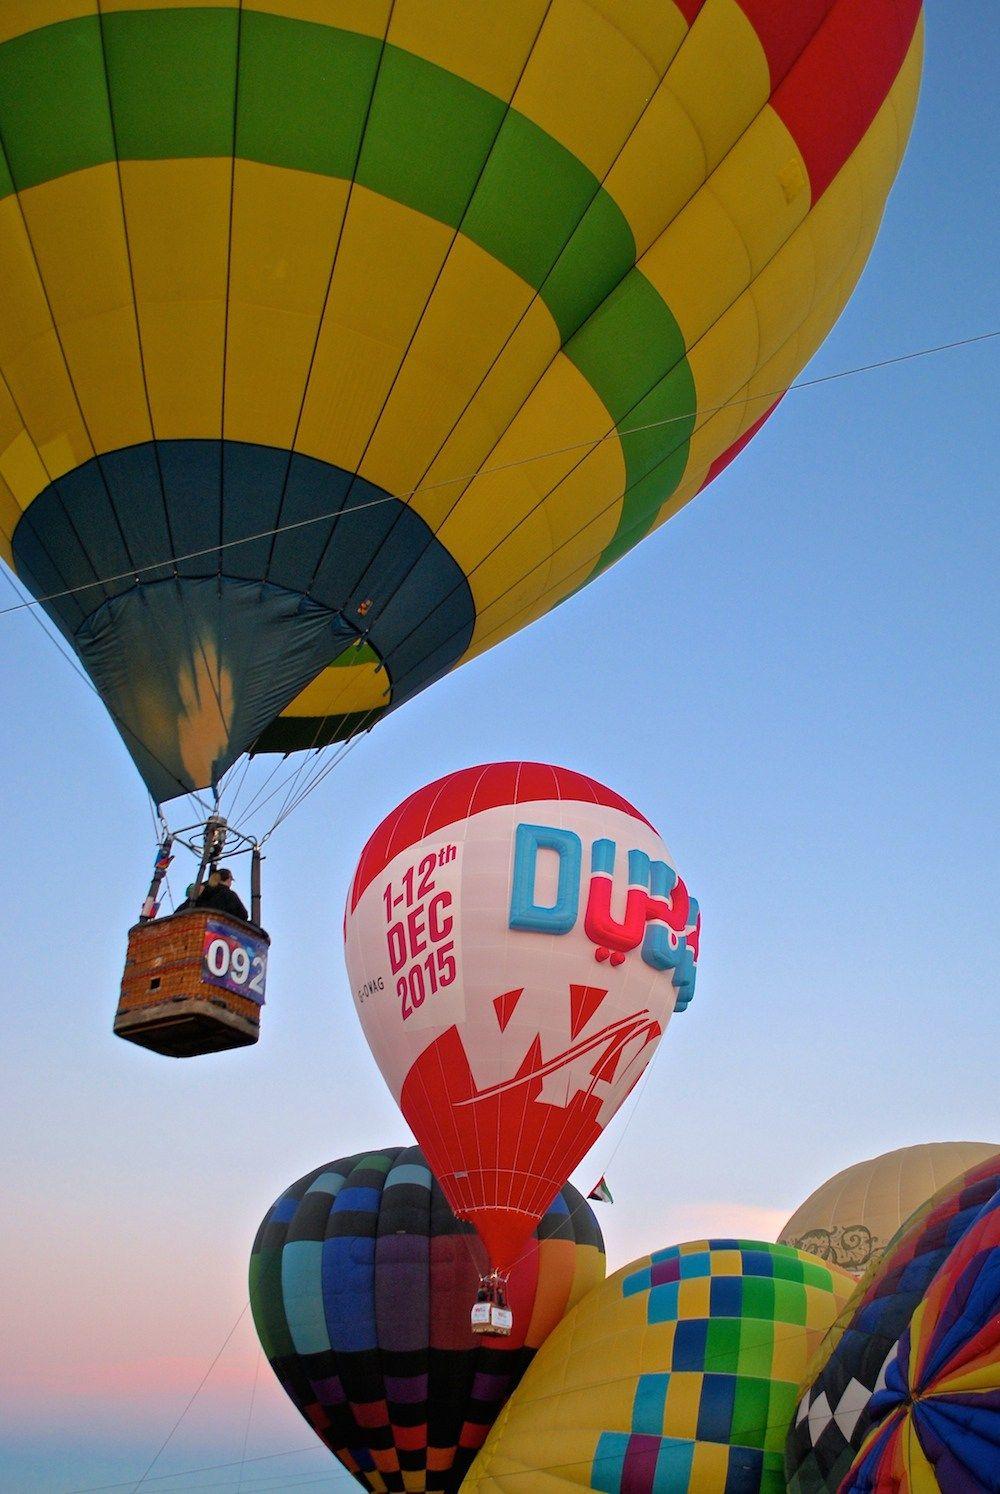 Hot Air Balloon Festival, Albuquerque NM Hot air balloon